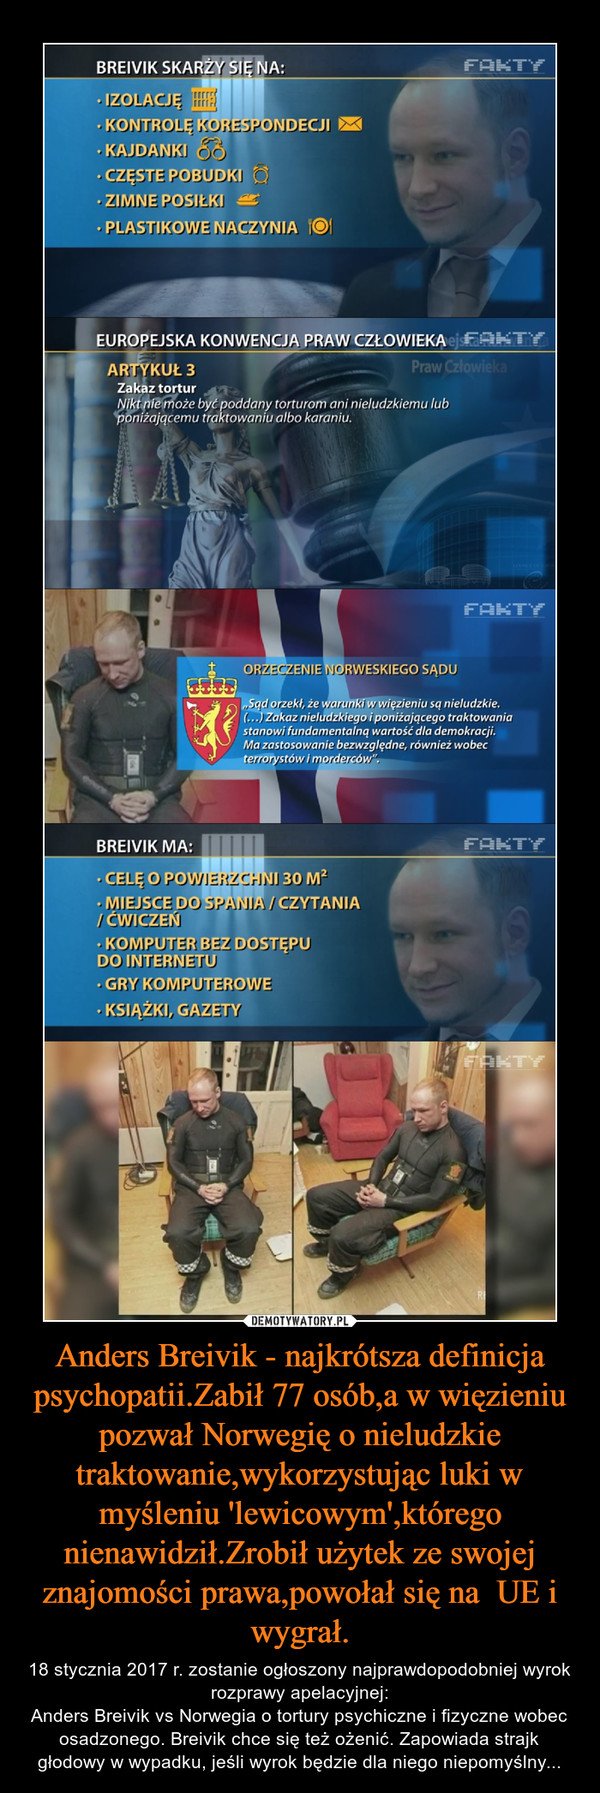 Anders Breivik - najkrótsza definicja psychopatii.Zabił 77 osób,a w więzieniu pozwał Norwegię o nieludzkie traktowanie,wykorzystując luki w myśleniu 'lewicowym',którego nienawidził.Zrobił użytek ze swojej znajomości prawa,powołał się na  UE i wy – 18 stycznia 2017 r. zostanie ogłoszony najprawdopodobniej wyrok rozprawy apelacyjnej:Anders Breivik vs Norwegia o tortury psychiczne i fizyczne wobec osadzonego. Breivik chce się też ożenić. Zapowiada strajk głodowy w wypadku, jeśli wyrok będzie dla niego niepomyślny...